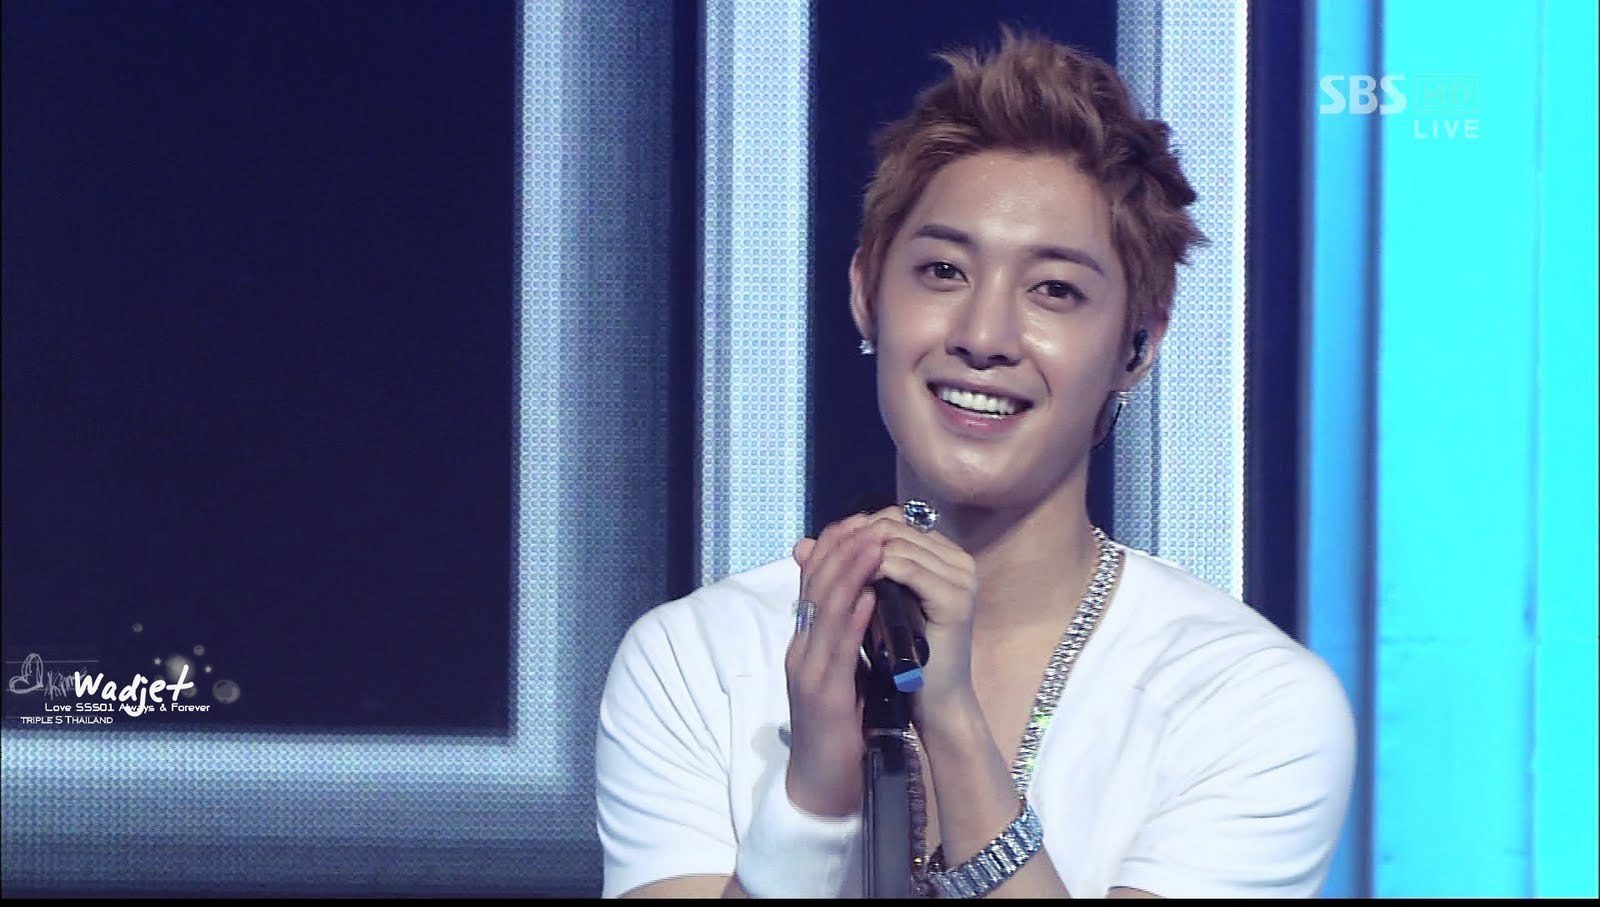 Na foto: O astro coreano Kim Yyun Joon. Créditos: SBS.